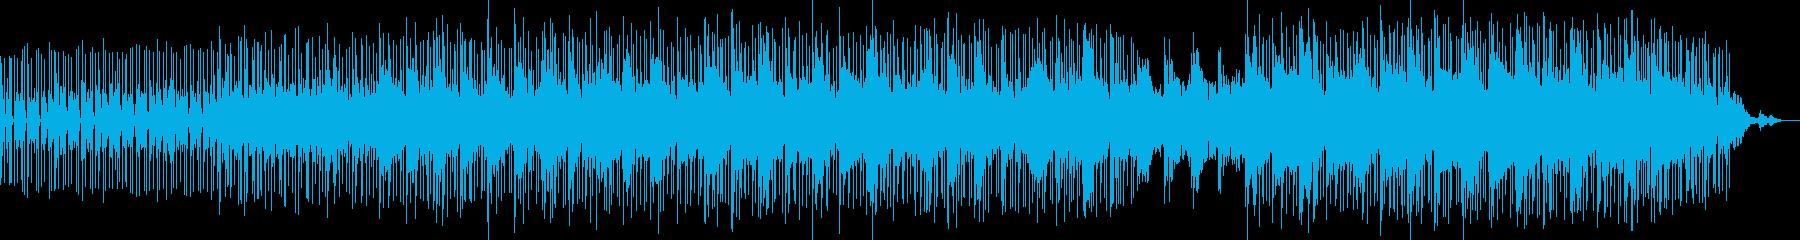 哀愁あるミディアムテンポのミニマルロックの再生済みの波形